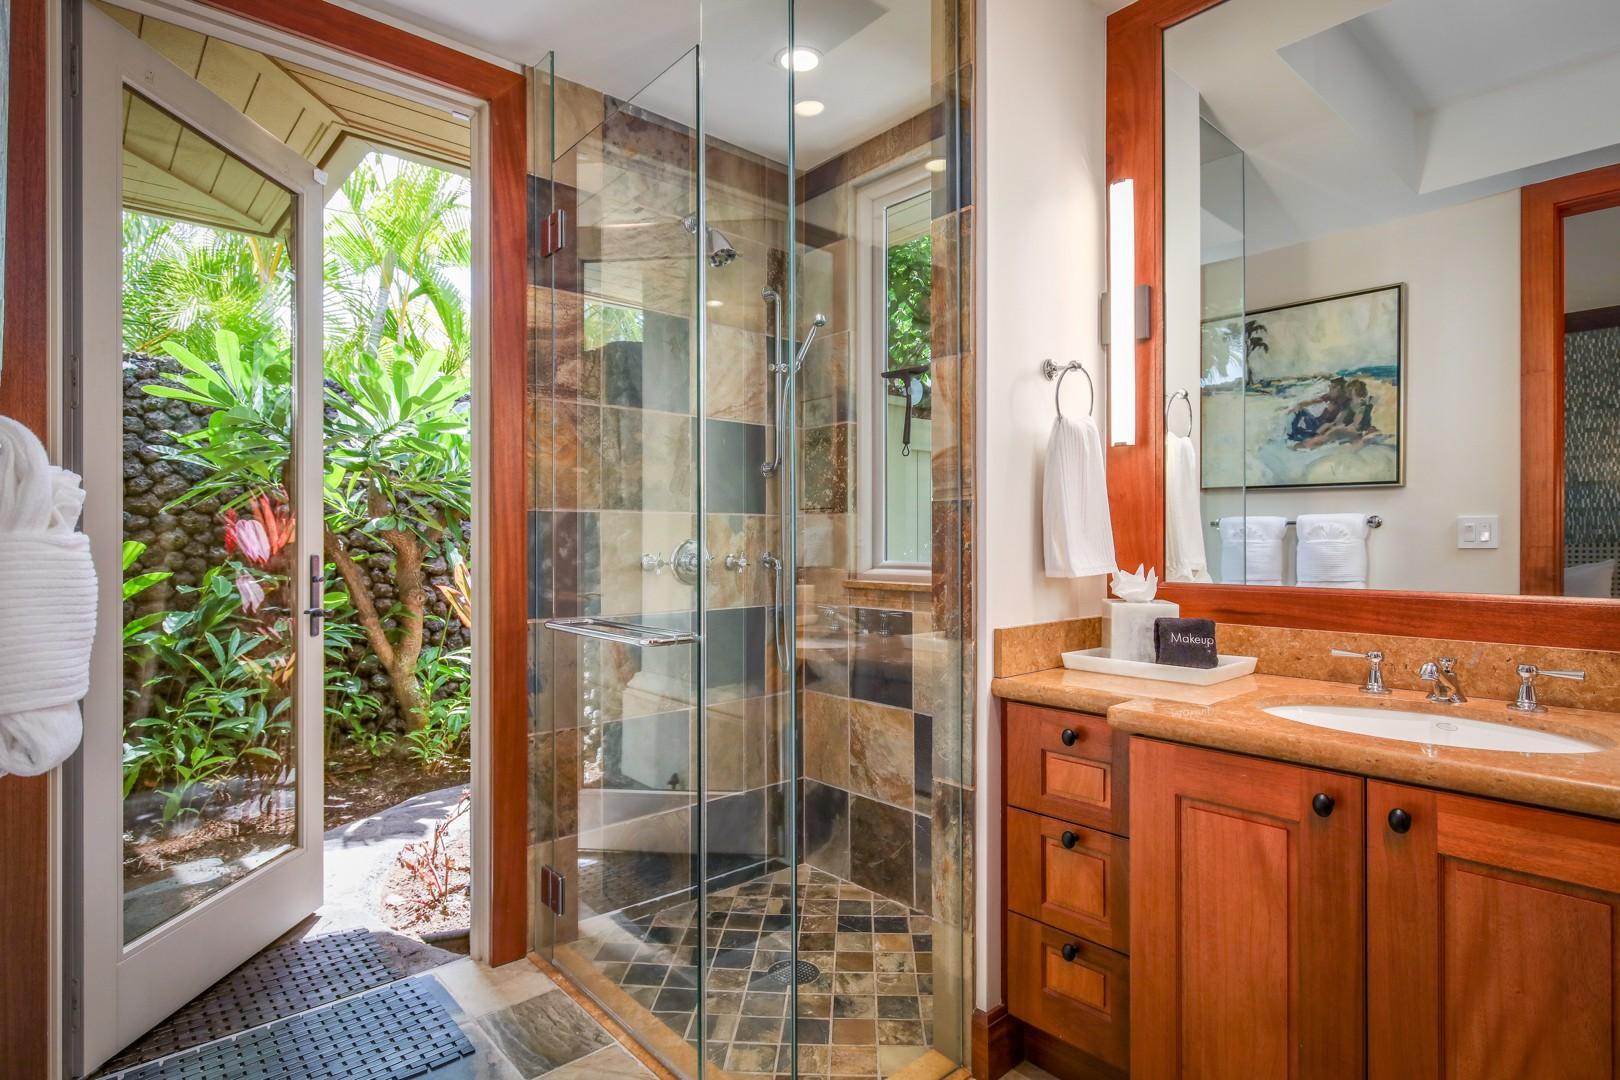 Full en suite bath in Guest Room 3 with walk-in shower and outdoor shower garden.